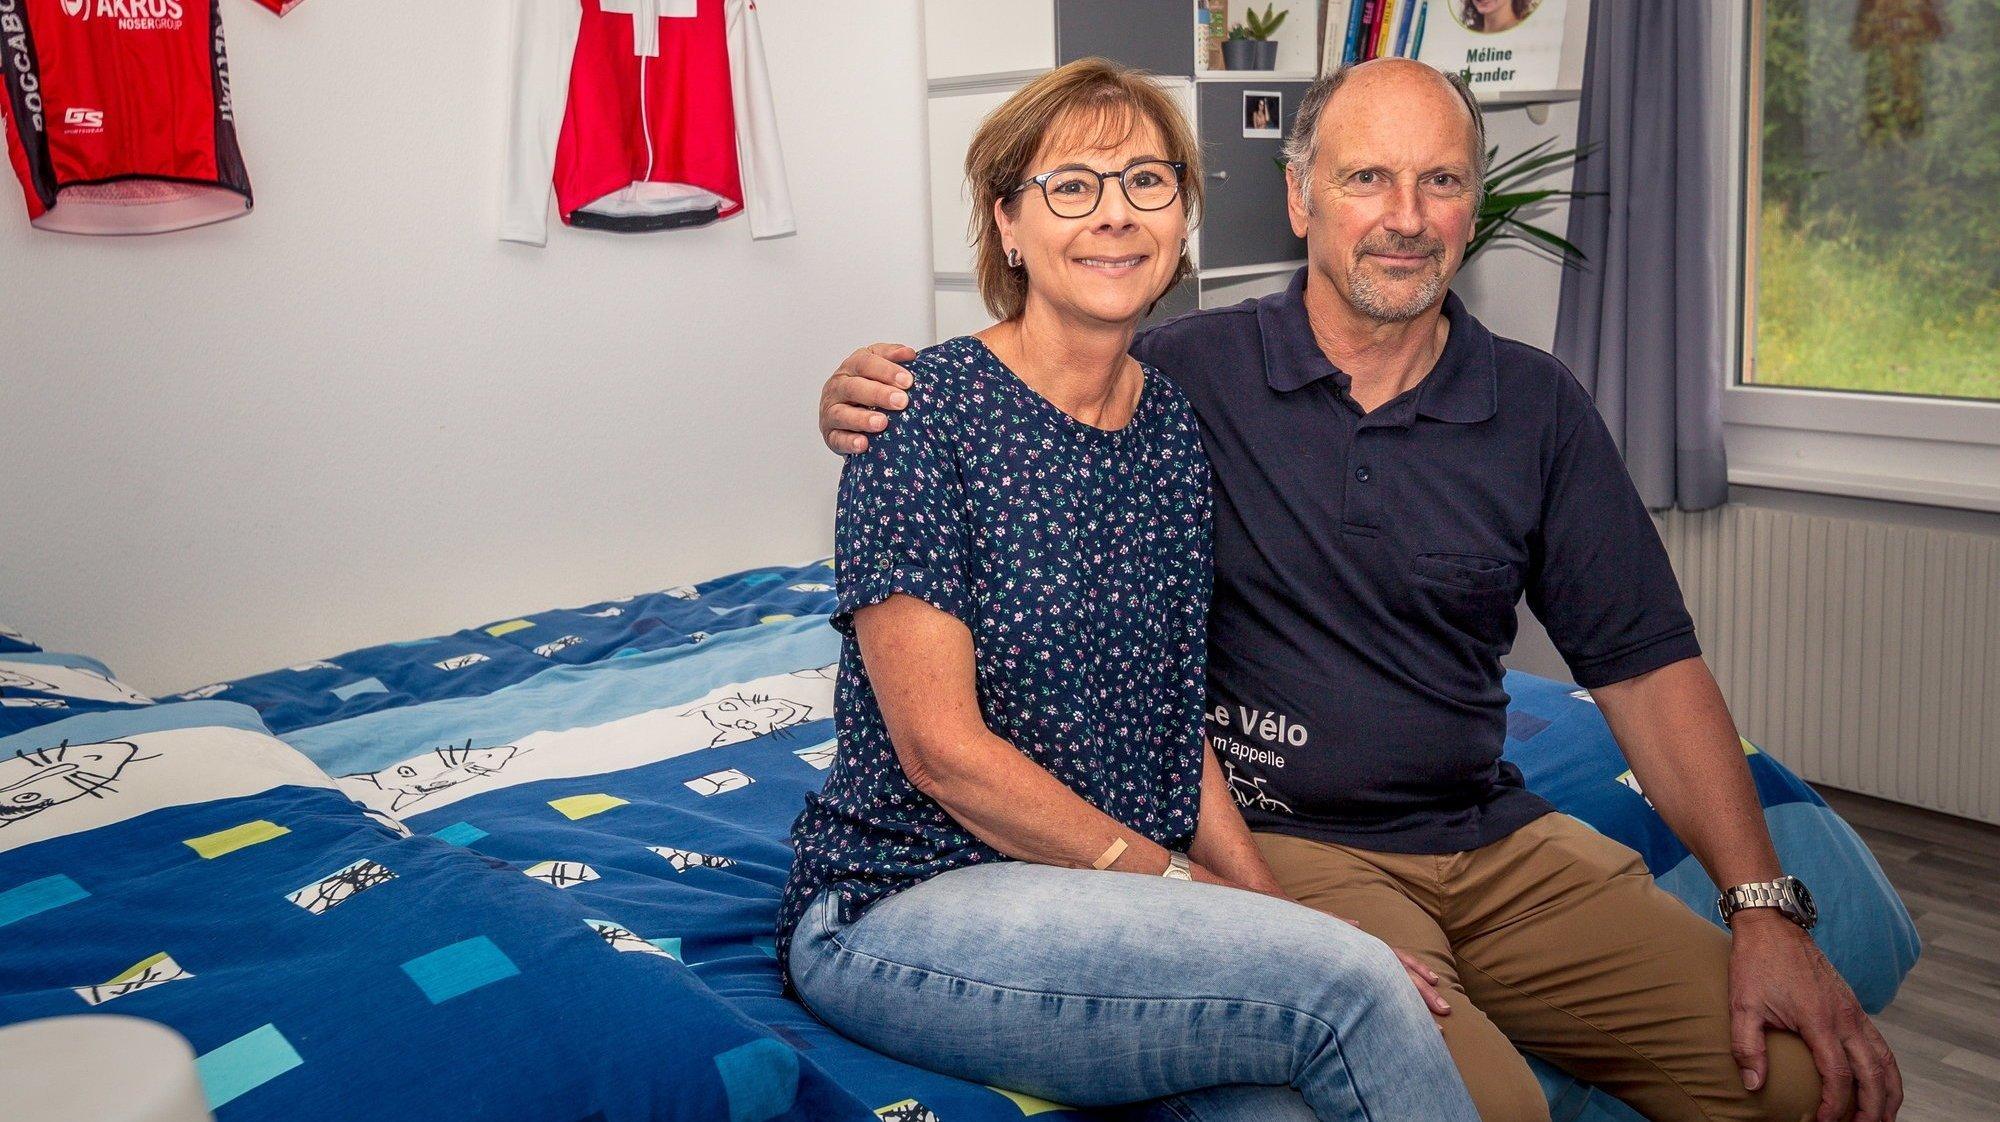 «Nous sommes bien récompensés»: l'émotion et la fierté des parents de Valère Thiébaud